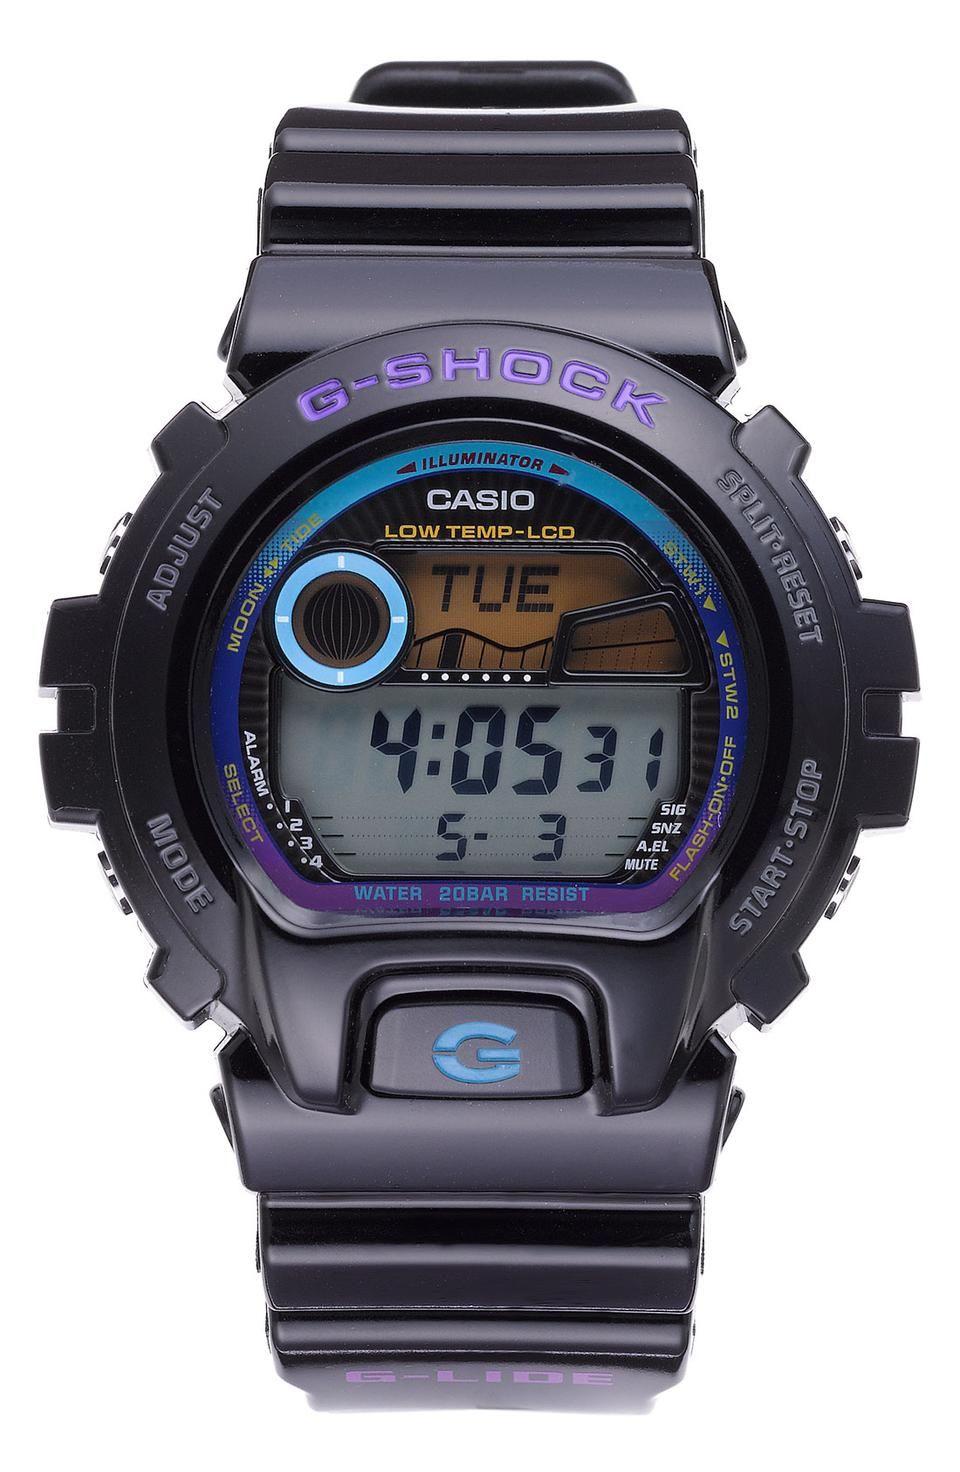 Casio gshock 6900 glide tidegraph watch mens watch